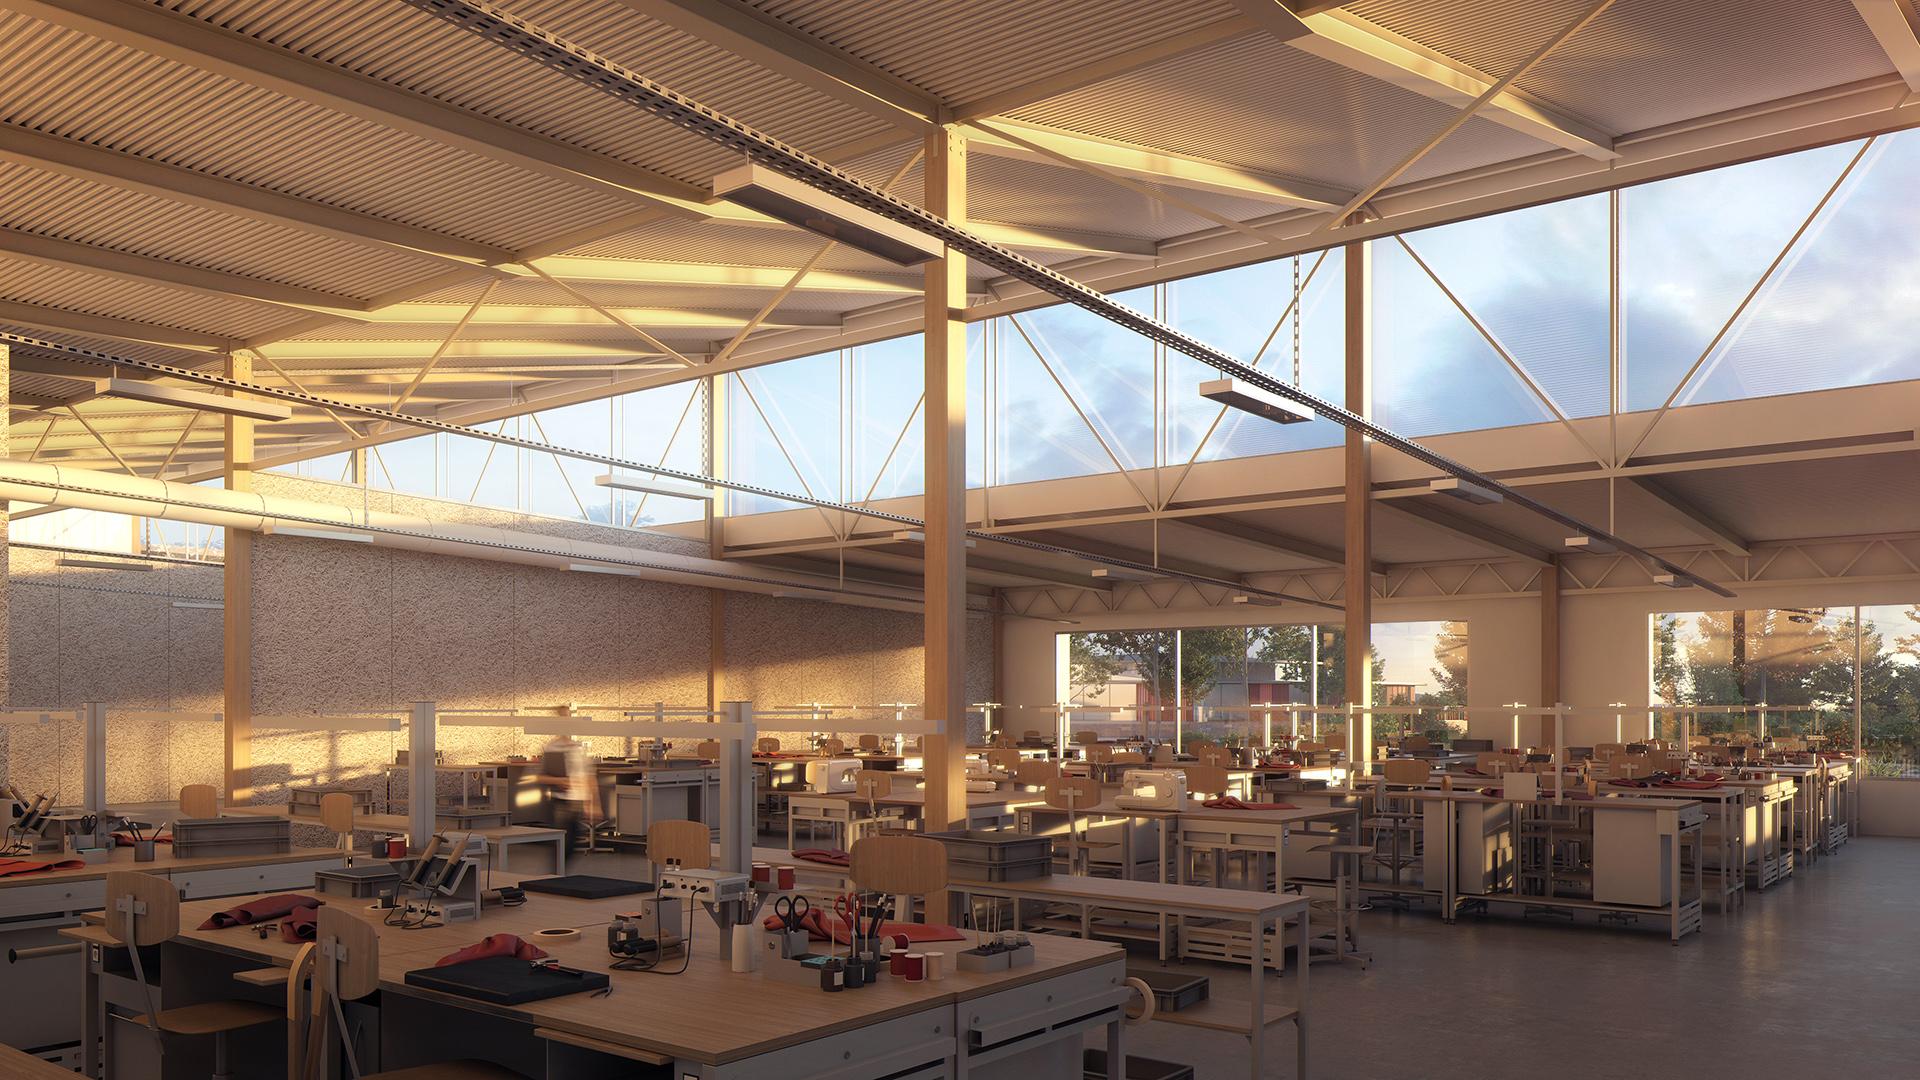 image 3d du projet d'architecture et de paysagisme de la future maroquinerie Hermès à Montereau Fault Yonne. Image 3d du Studio Persevoir en collaboration avec l'agence Jean Francois Schmit Architectes et Associés.